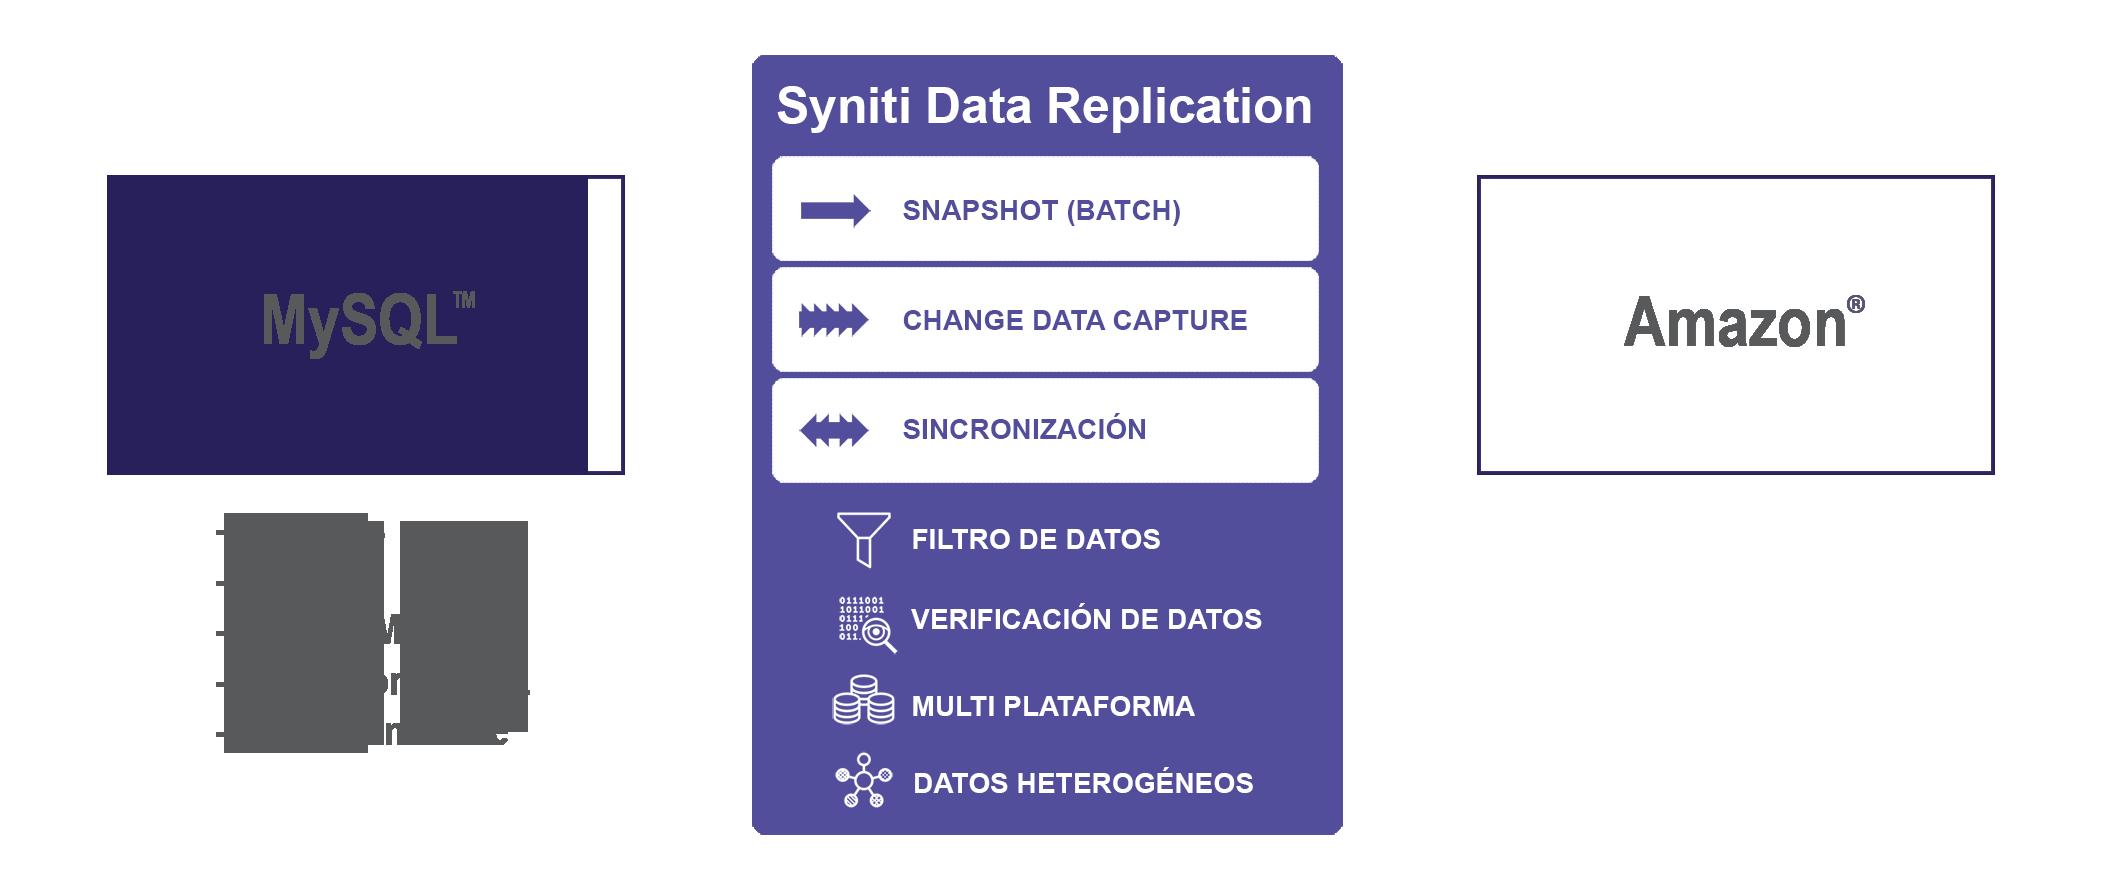 Replicación de datos a MySQL a Amazon en tiempo real